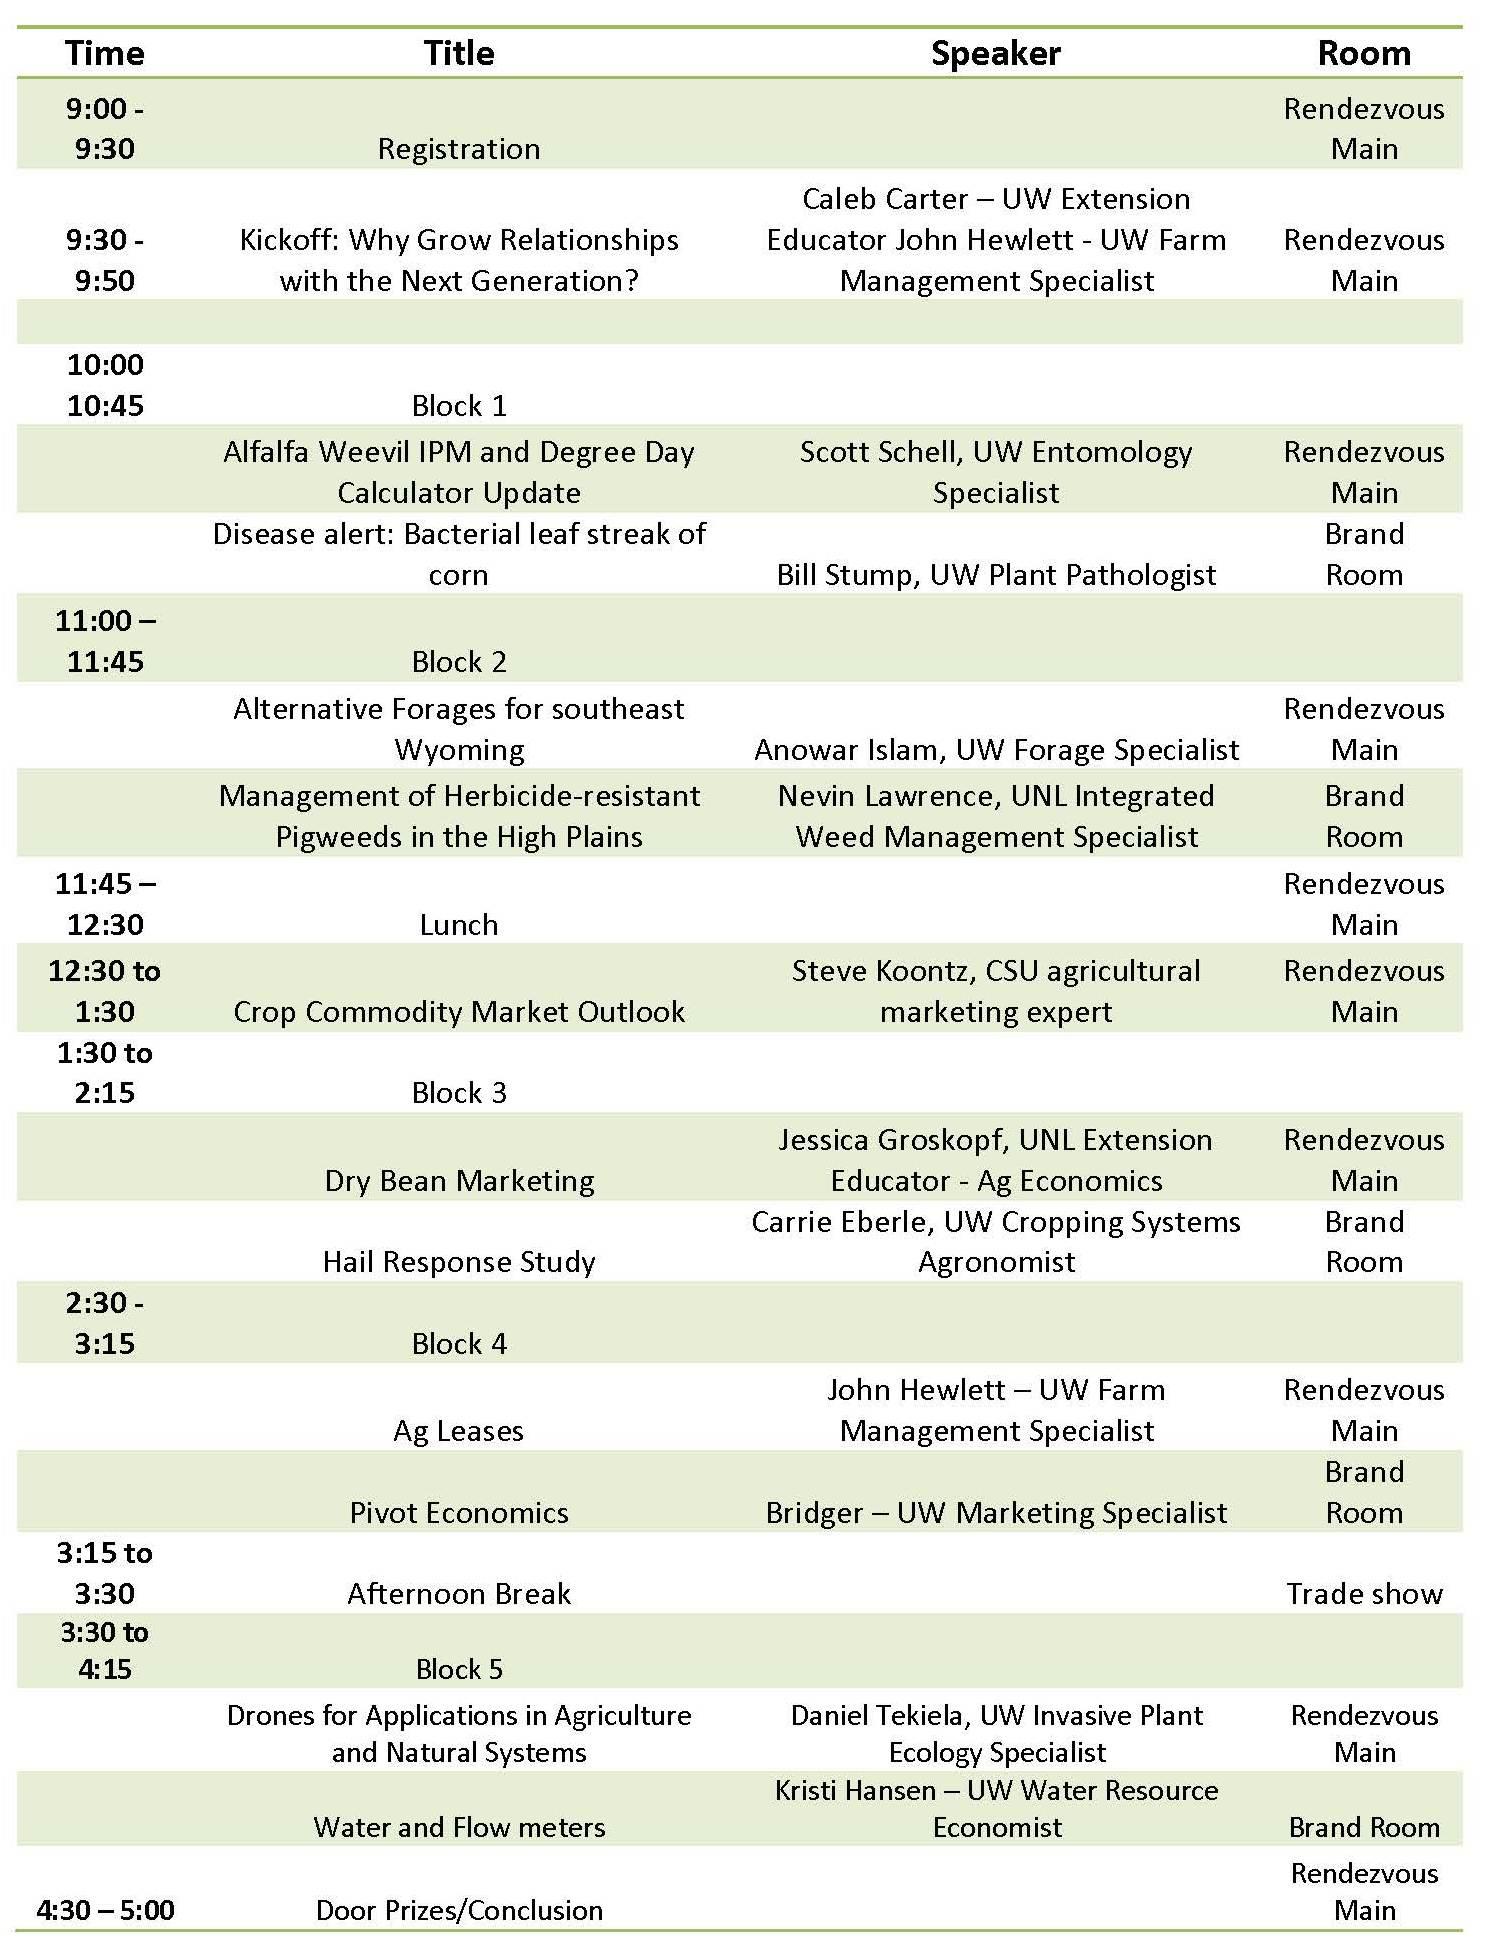 HPCC schedule